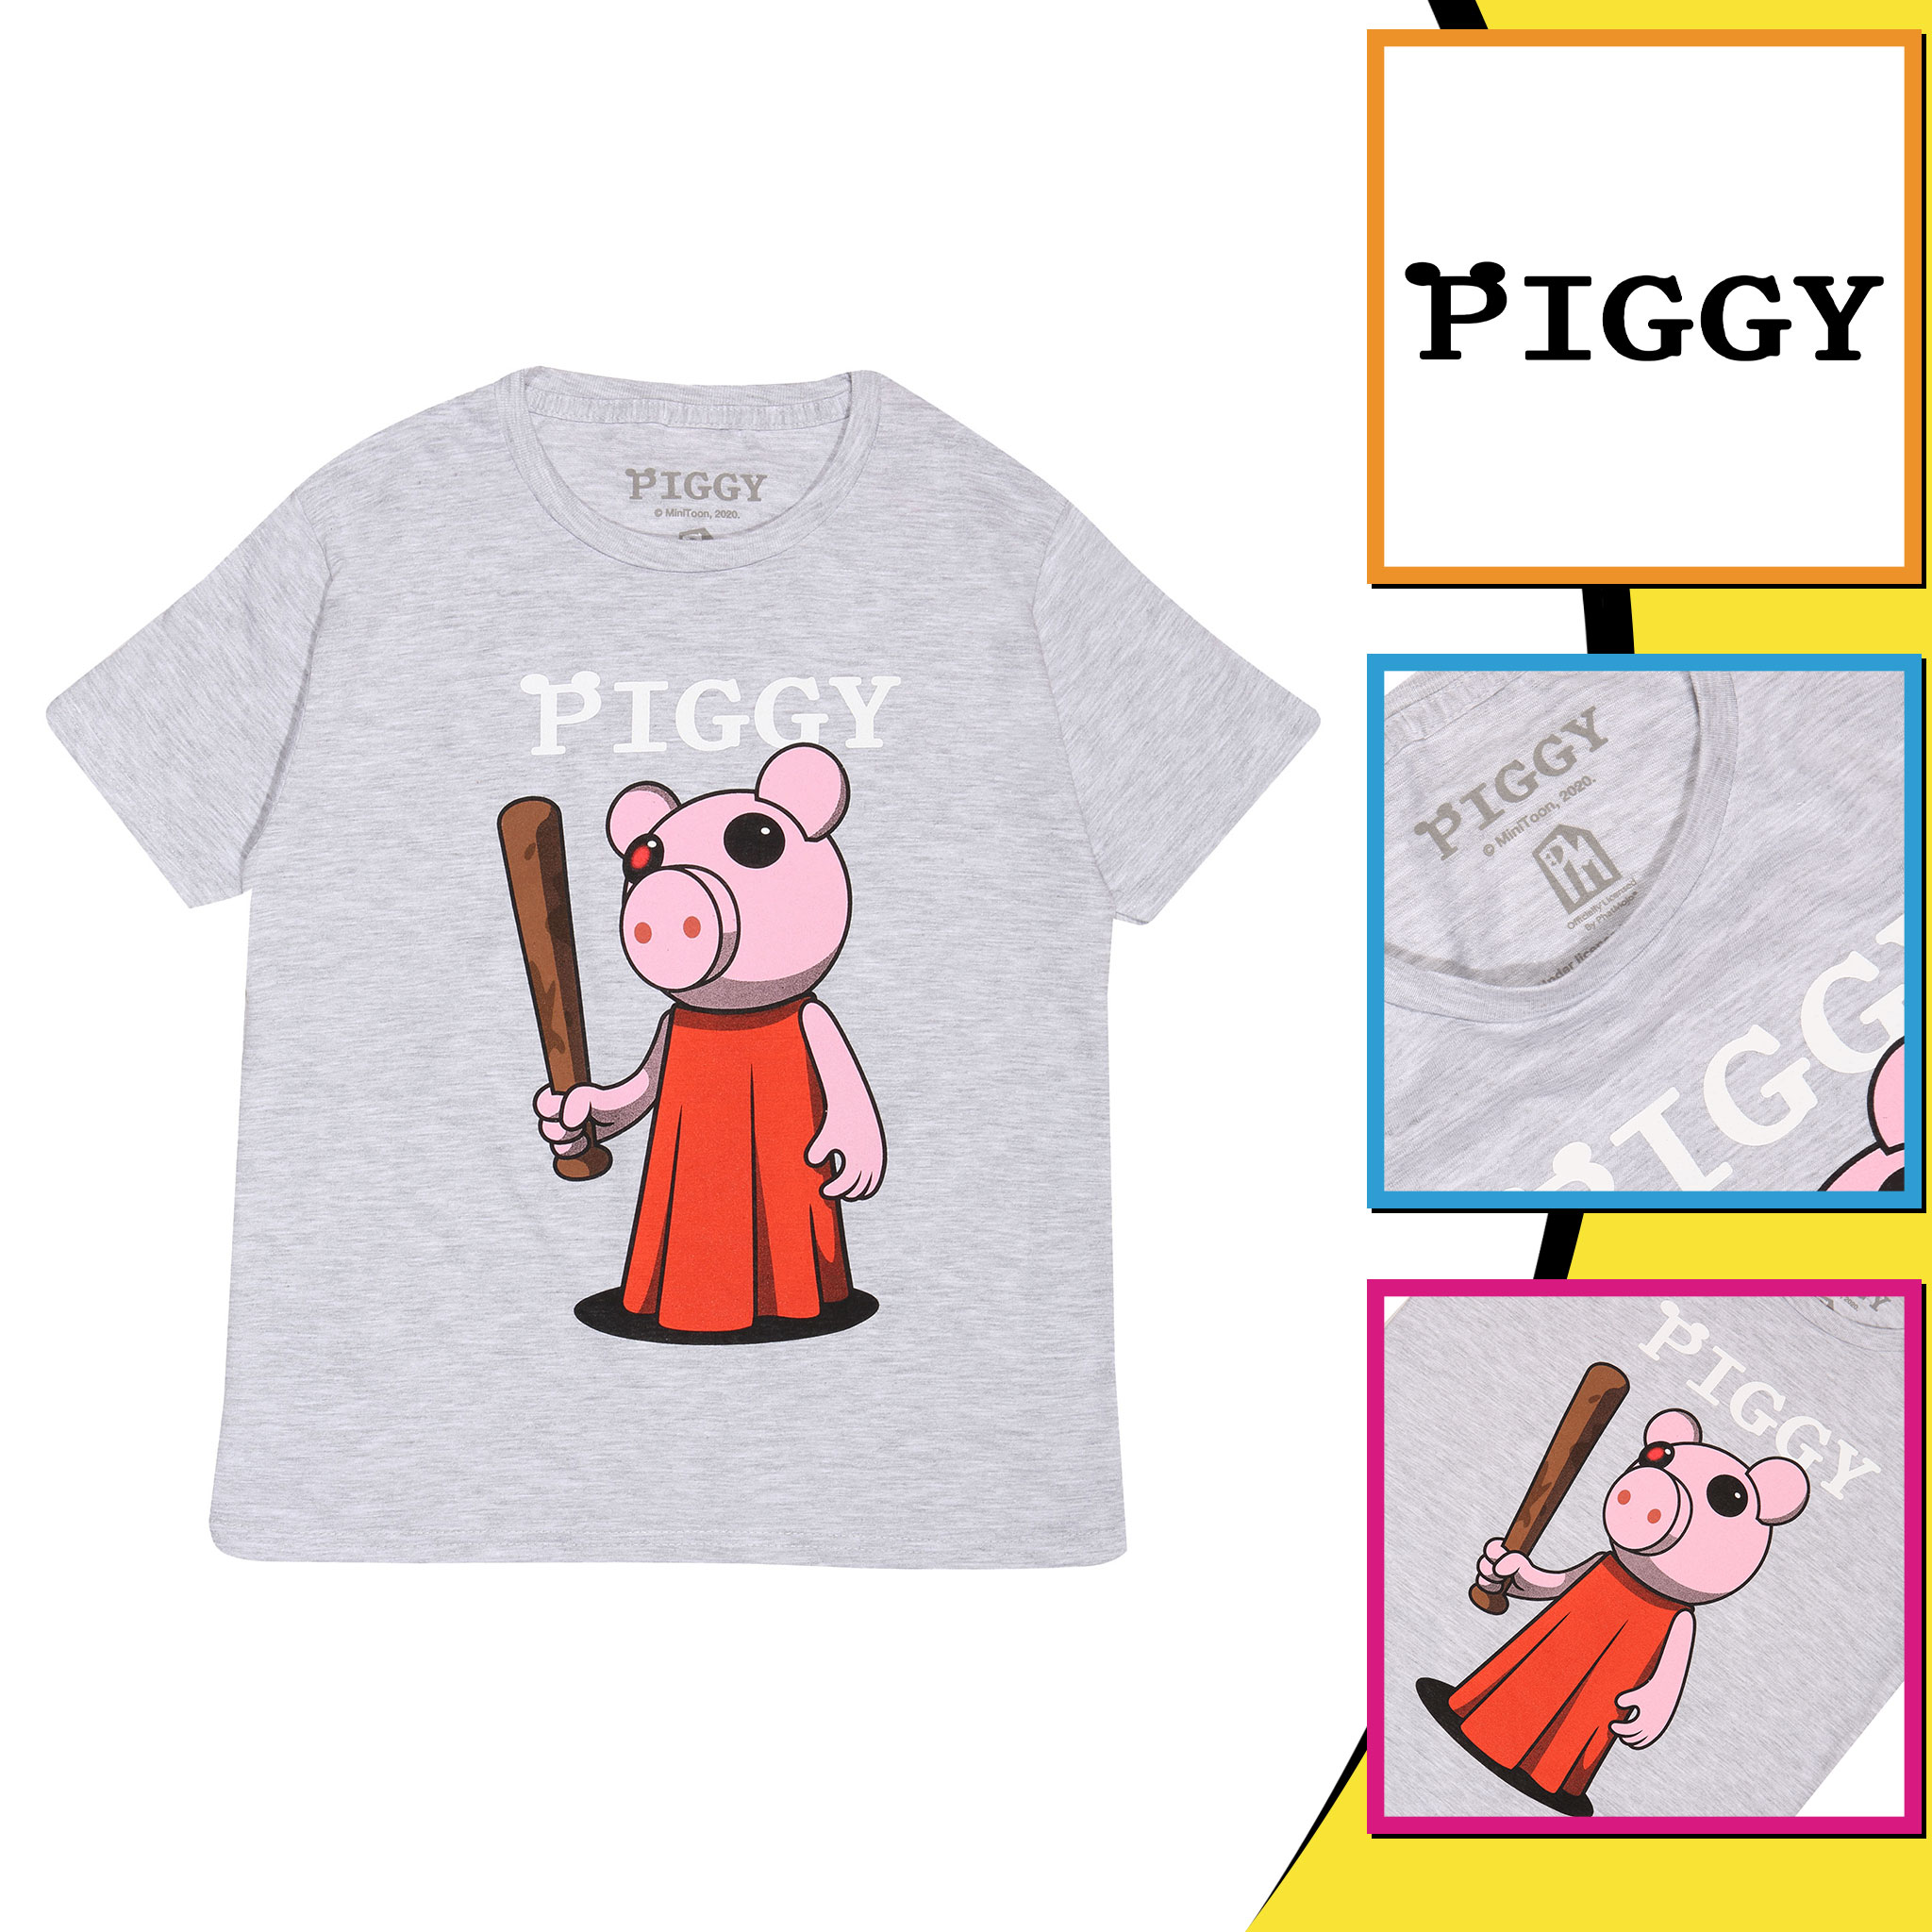 miniature 13 - Boys Piggy T Shirt Baseball Bat Official